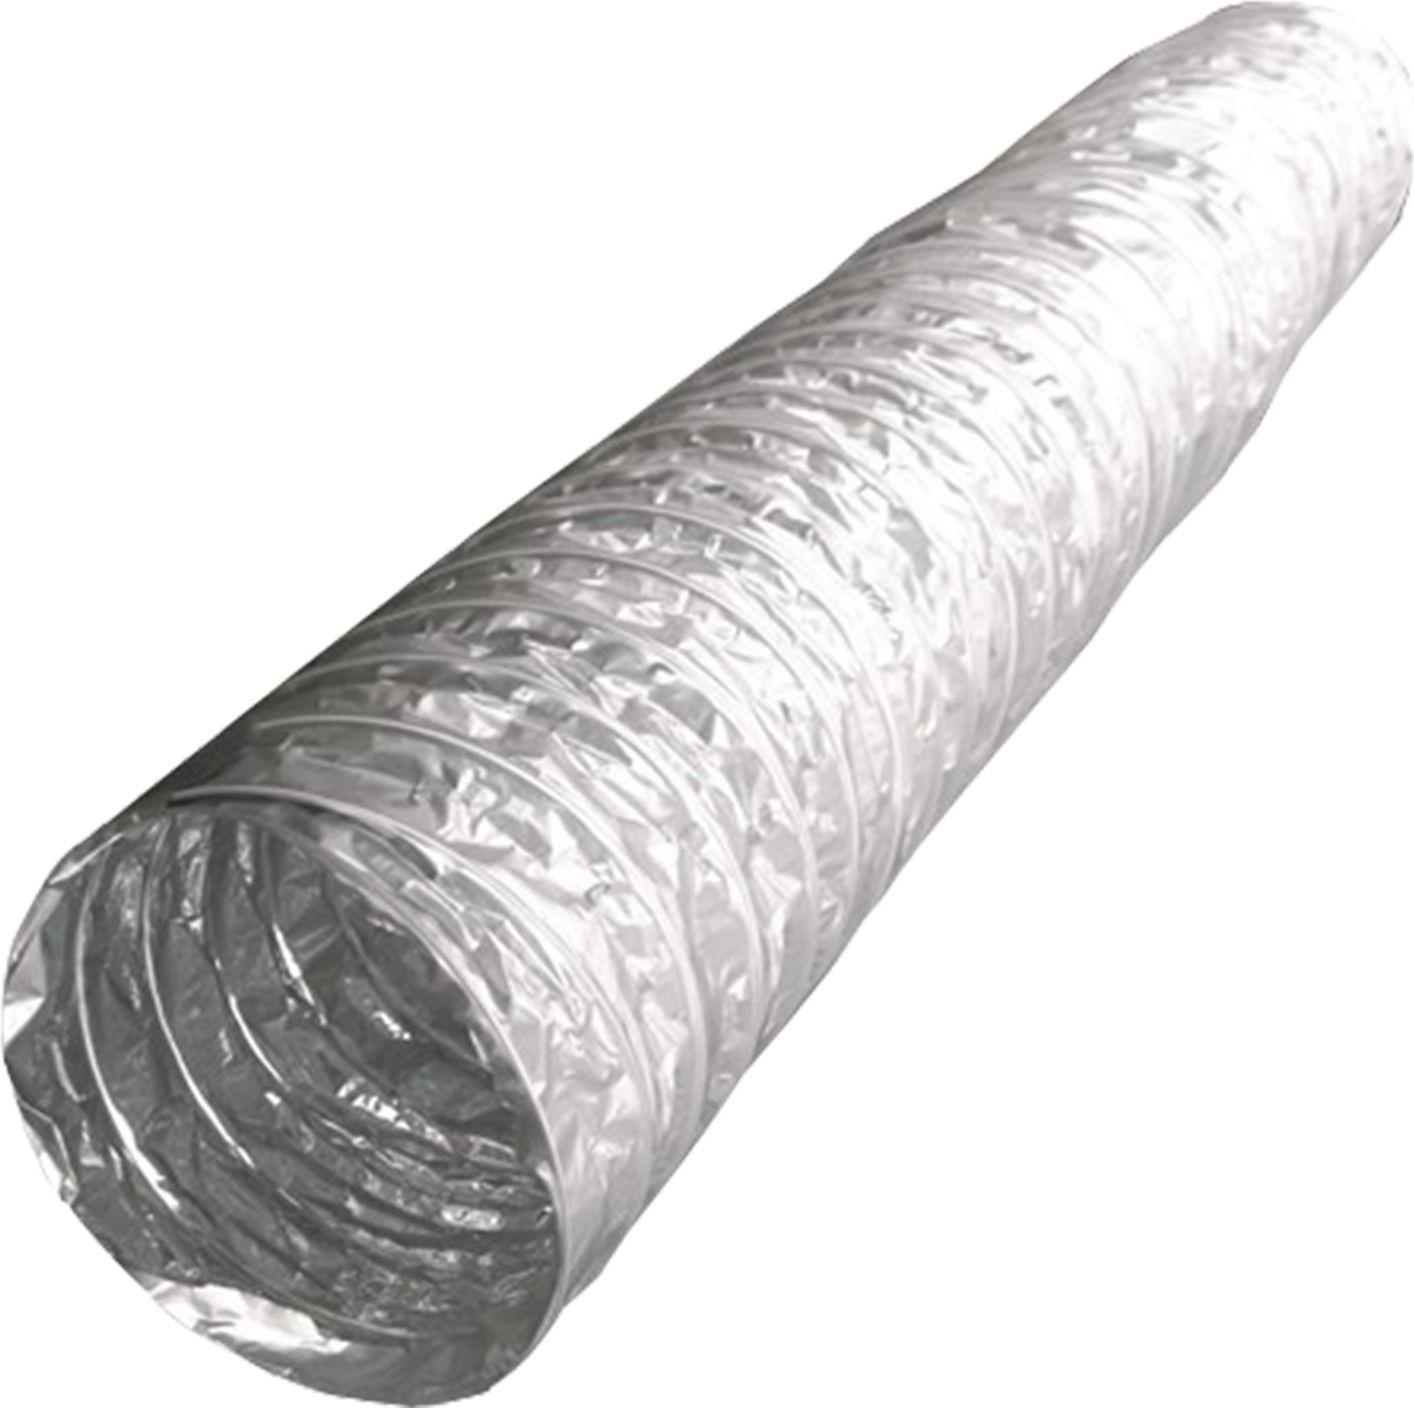 Фото - Гибкий воздуховод ERA, AF315, металл, армированный, длина до 10 м воздуховод ванвент впа 125 гибкий алюминиевый 3м